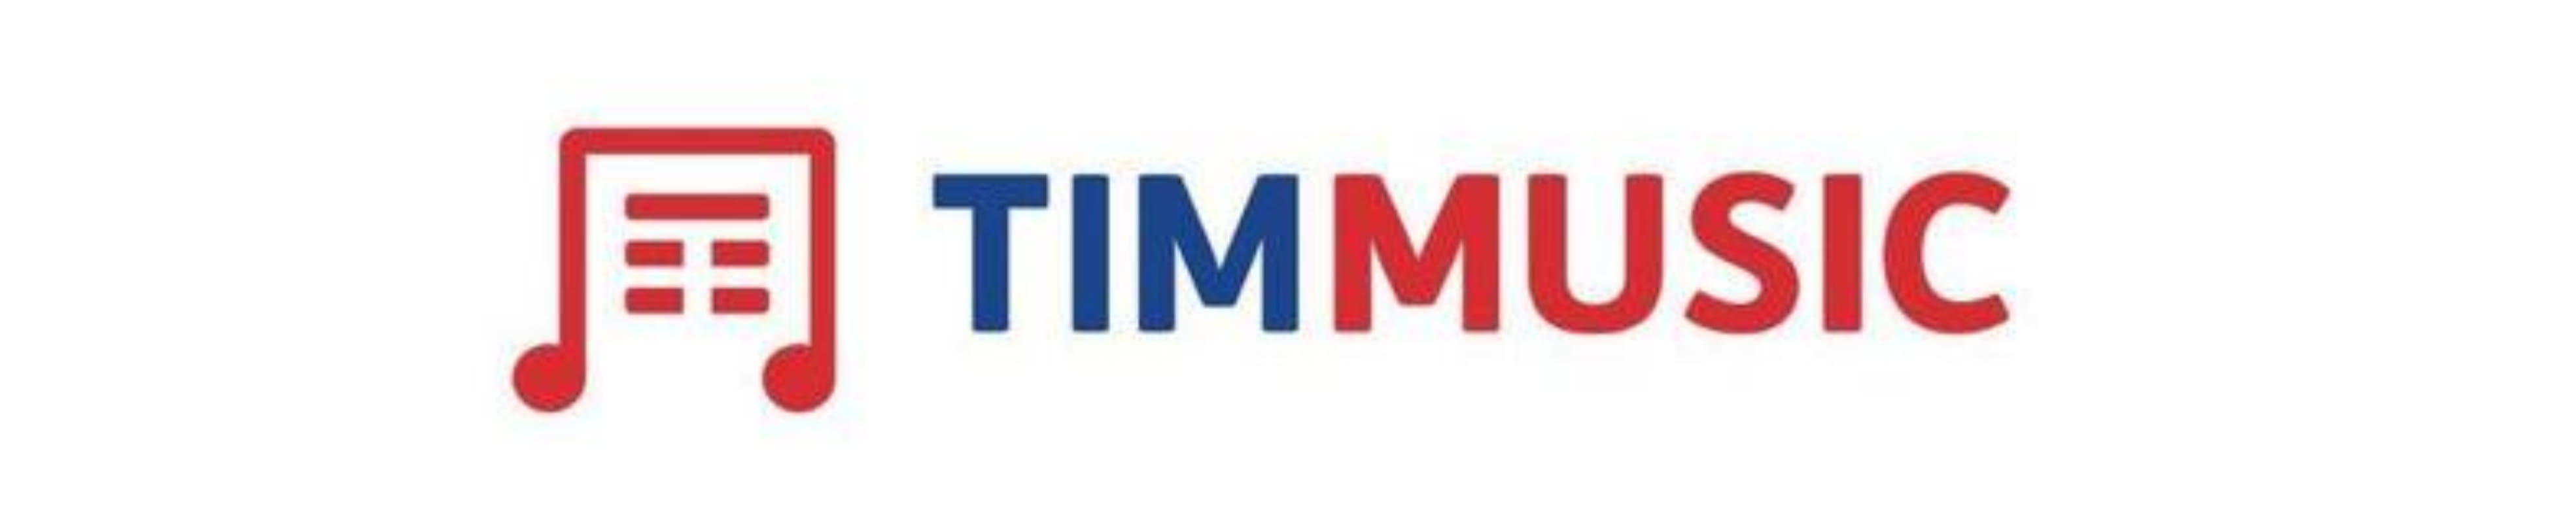 Tim Music Logo